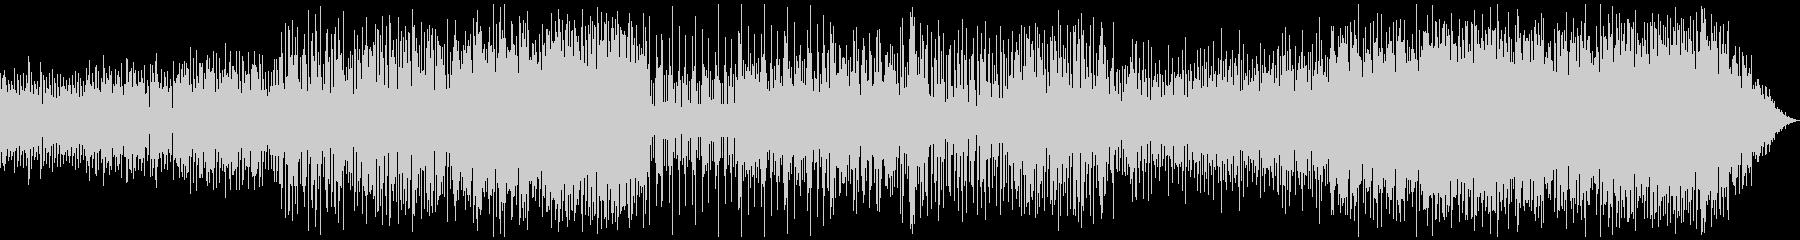 ダークヒロイン テクノ+テクニカルドラムの未再生の波形